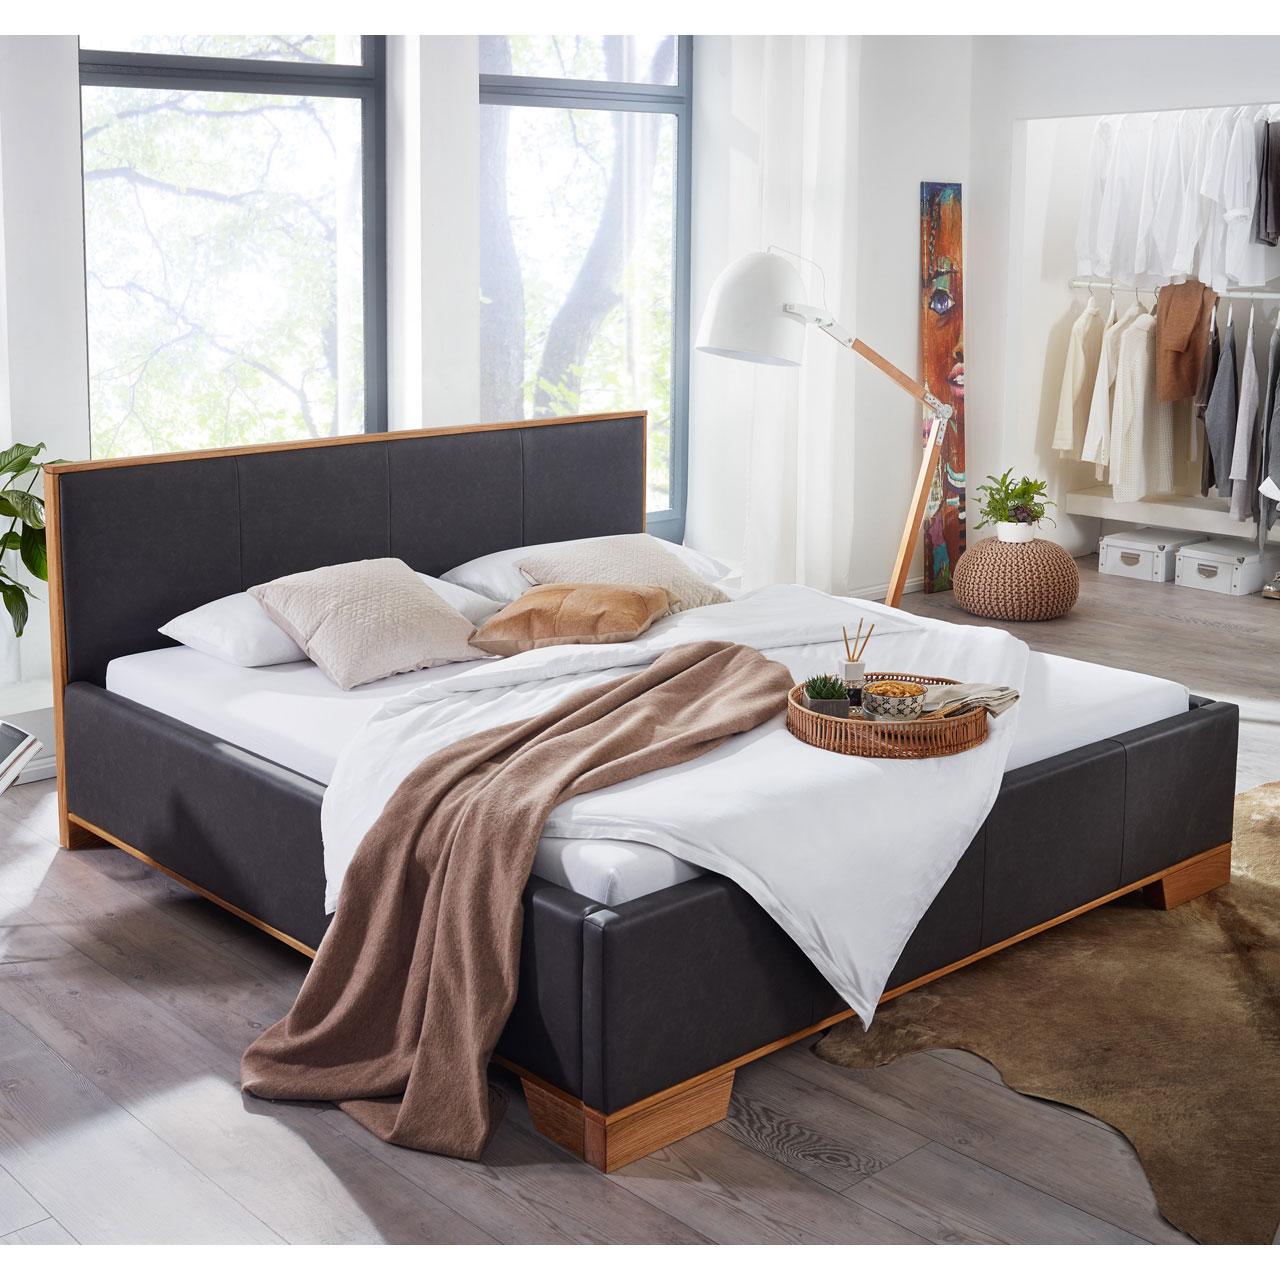 Full Size of Polsterbett 200x220 Bett Betten Wohnzimmer Polsterbett 200x220